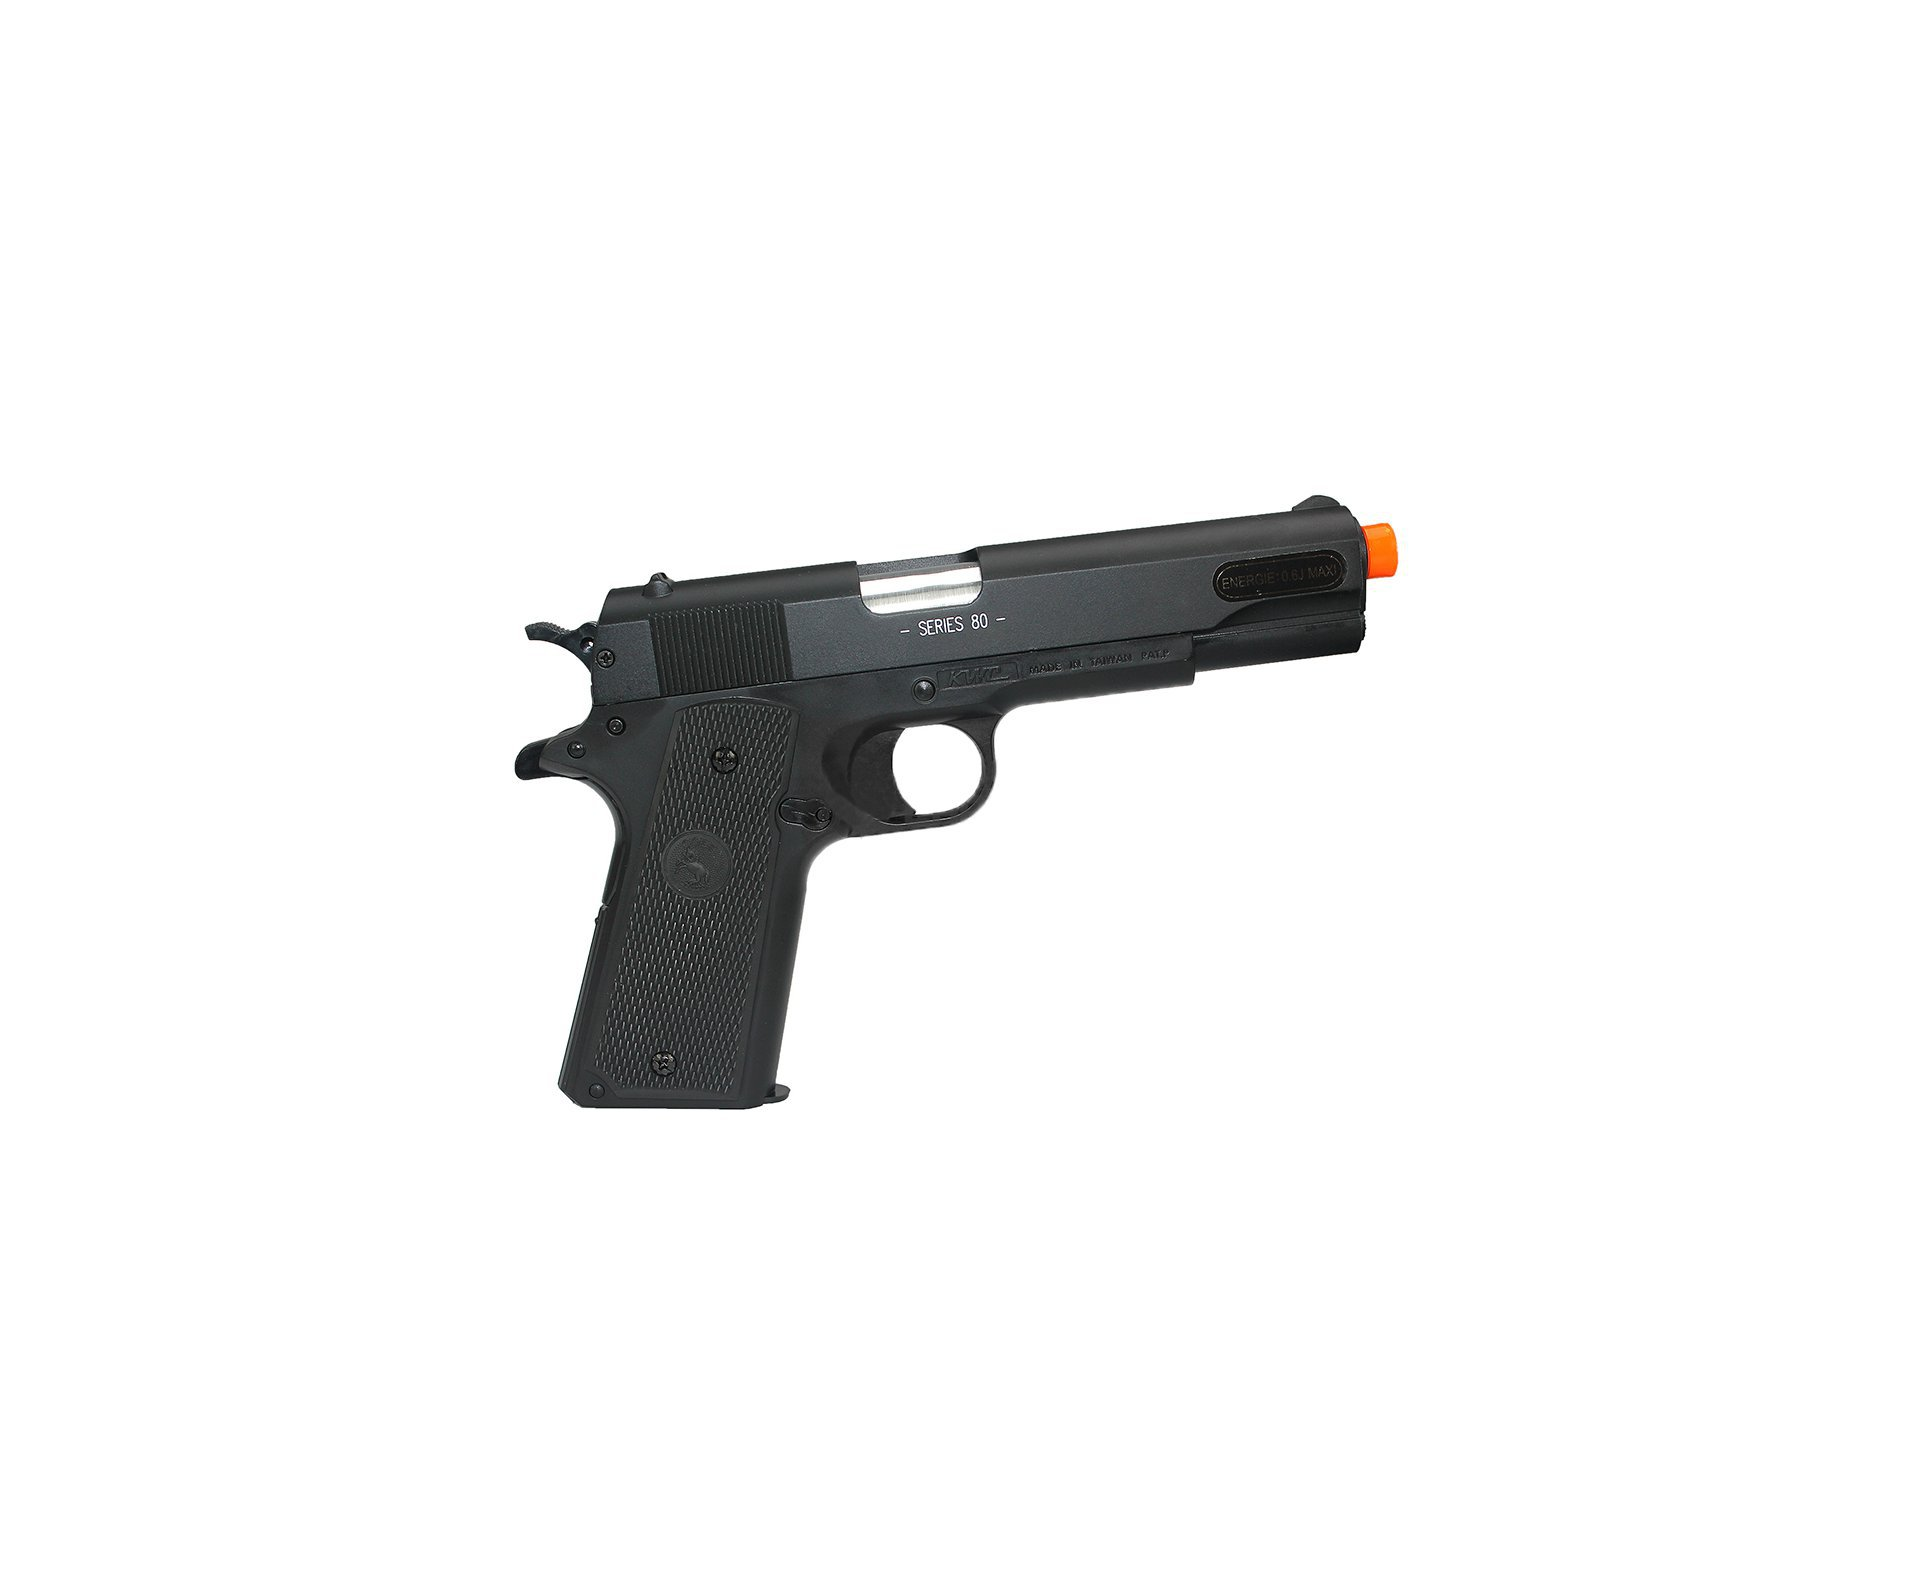 Pistola De Airsoft Colt 1911 A1 Semi Metal Calibre 6,0 Mm - Colt Cybergun